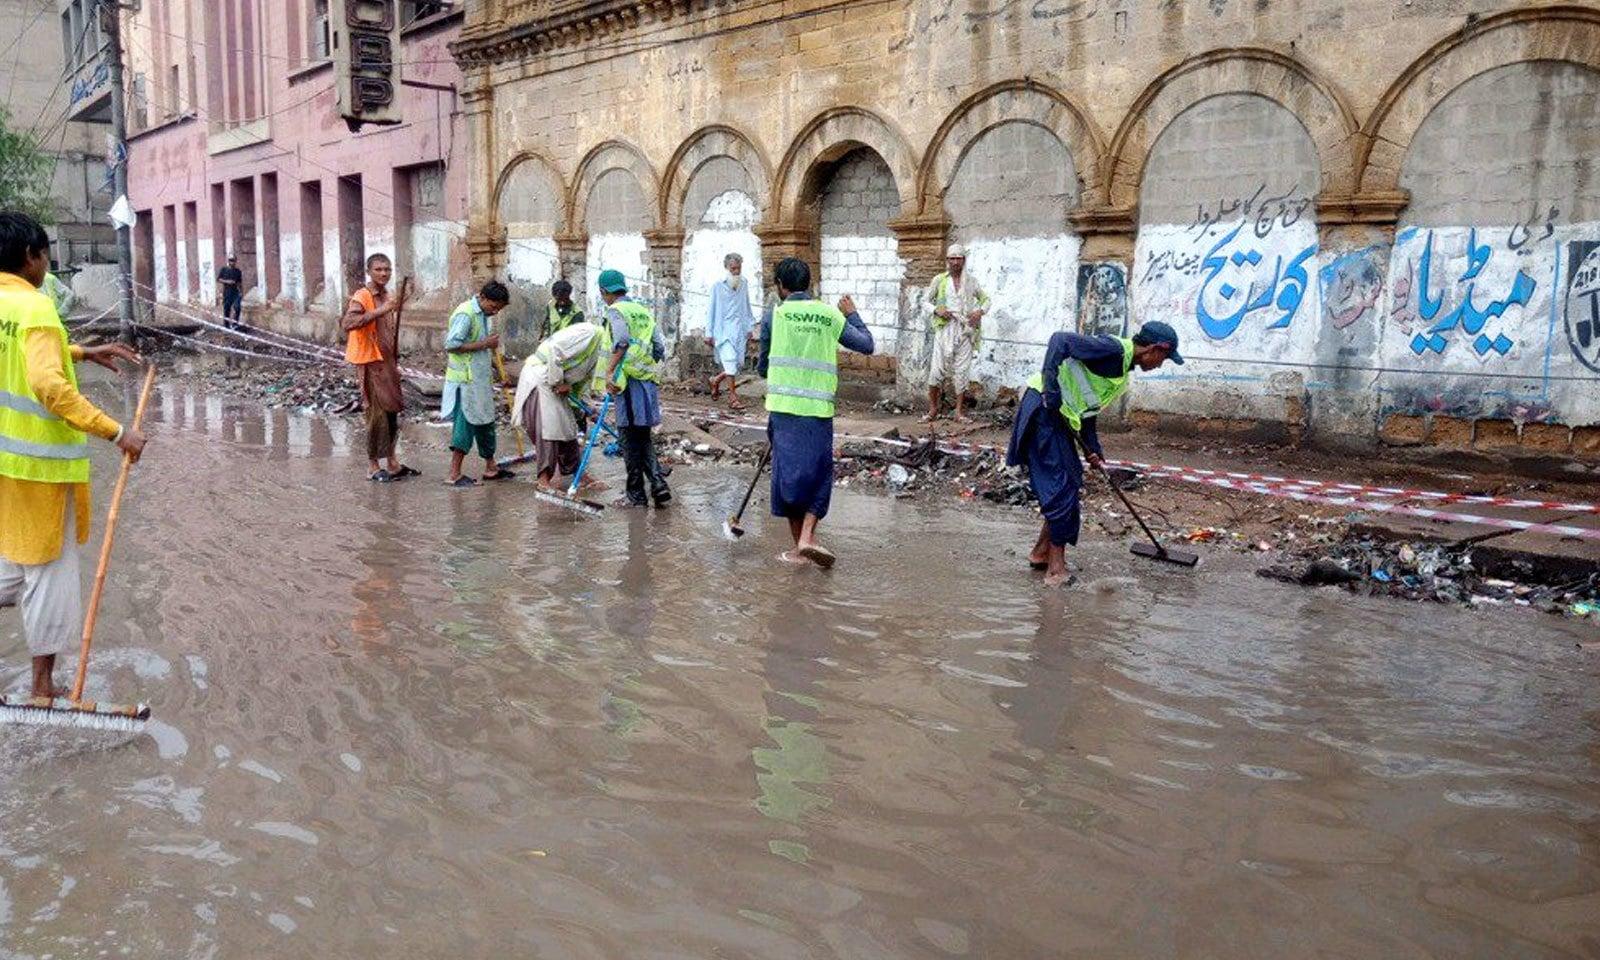 قائد اعظم کی رہائش گاہ وزیر مینشن کے ارد گرد بھی پانی جمع ہوگیا—فوٹو: ثمر عباس/ ٹوئٹر